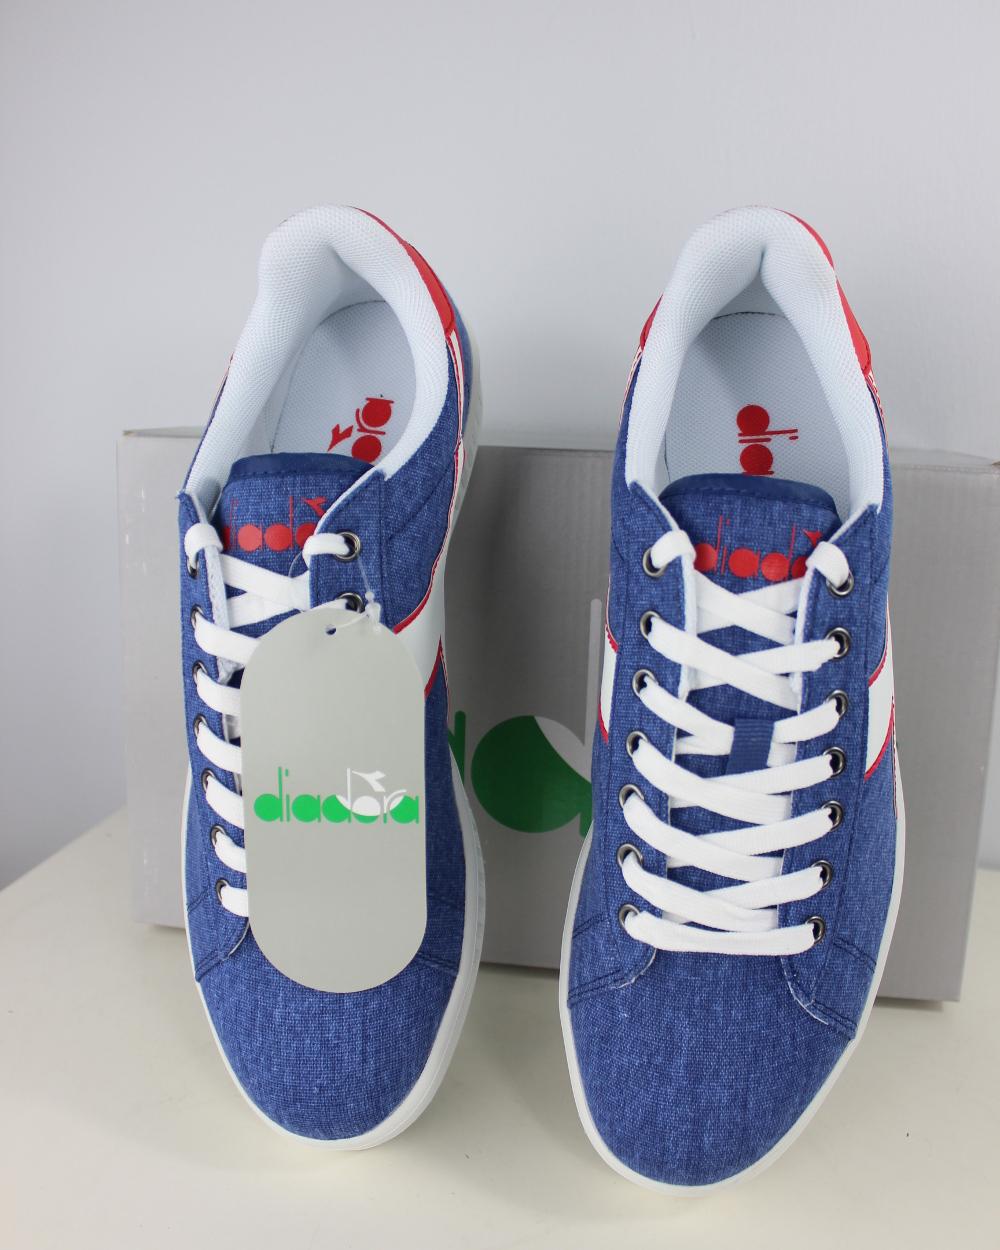 Natural Y Libremente Venta Barata Cómoda Diadora Scarpe Sneakers Ginnastica Tennis LifeStyle Blu Game Canvas Venta De Moda Últimas Colecciones A La Venta Tienda De Venta Barata De o0feRgd